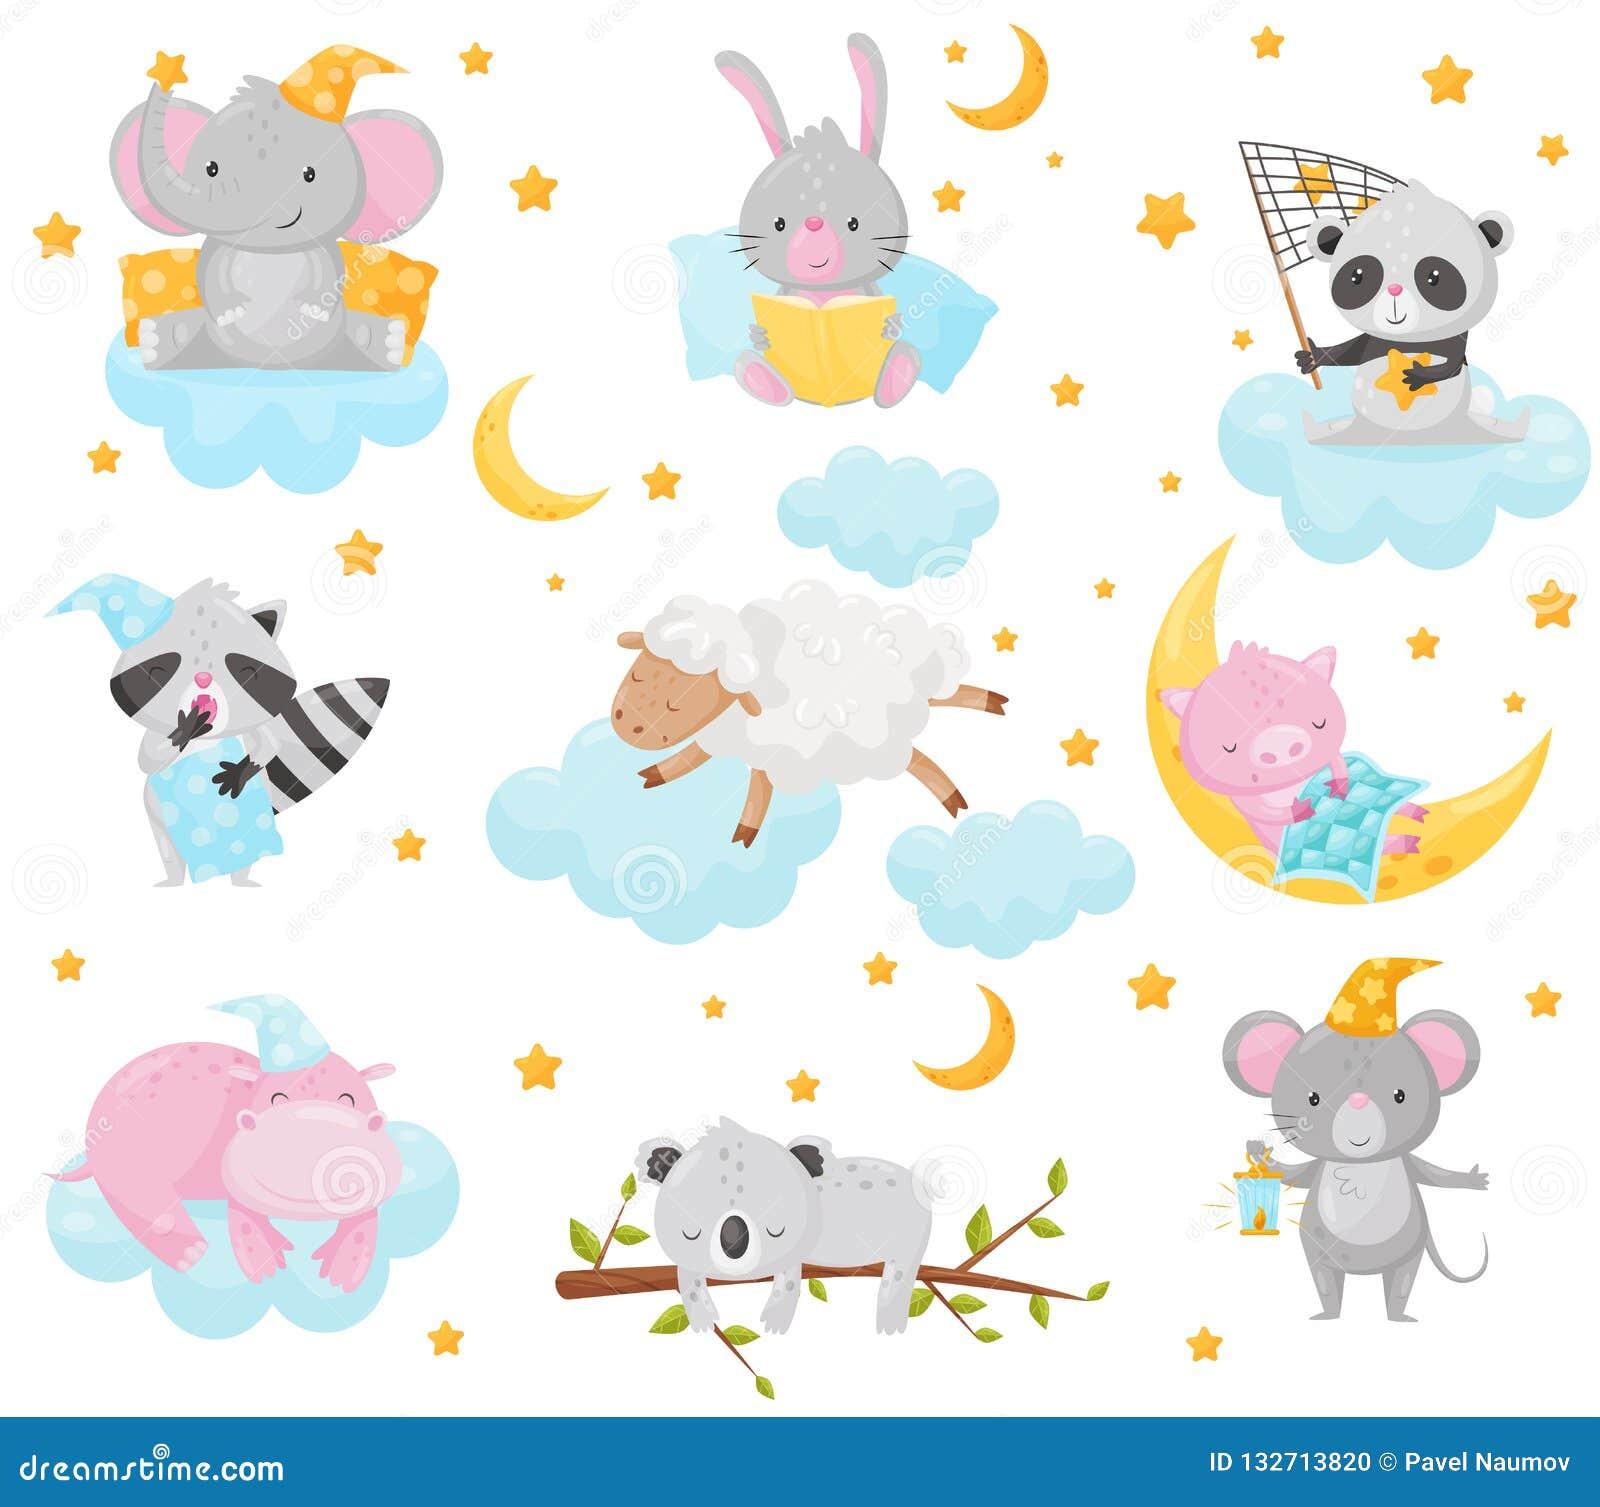 Милые маленькие животные спать под звездным набором неба, прекрасный слон, зайчик, панда, енот, овца, поросенок, гиппопотам